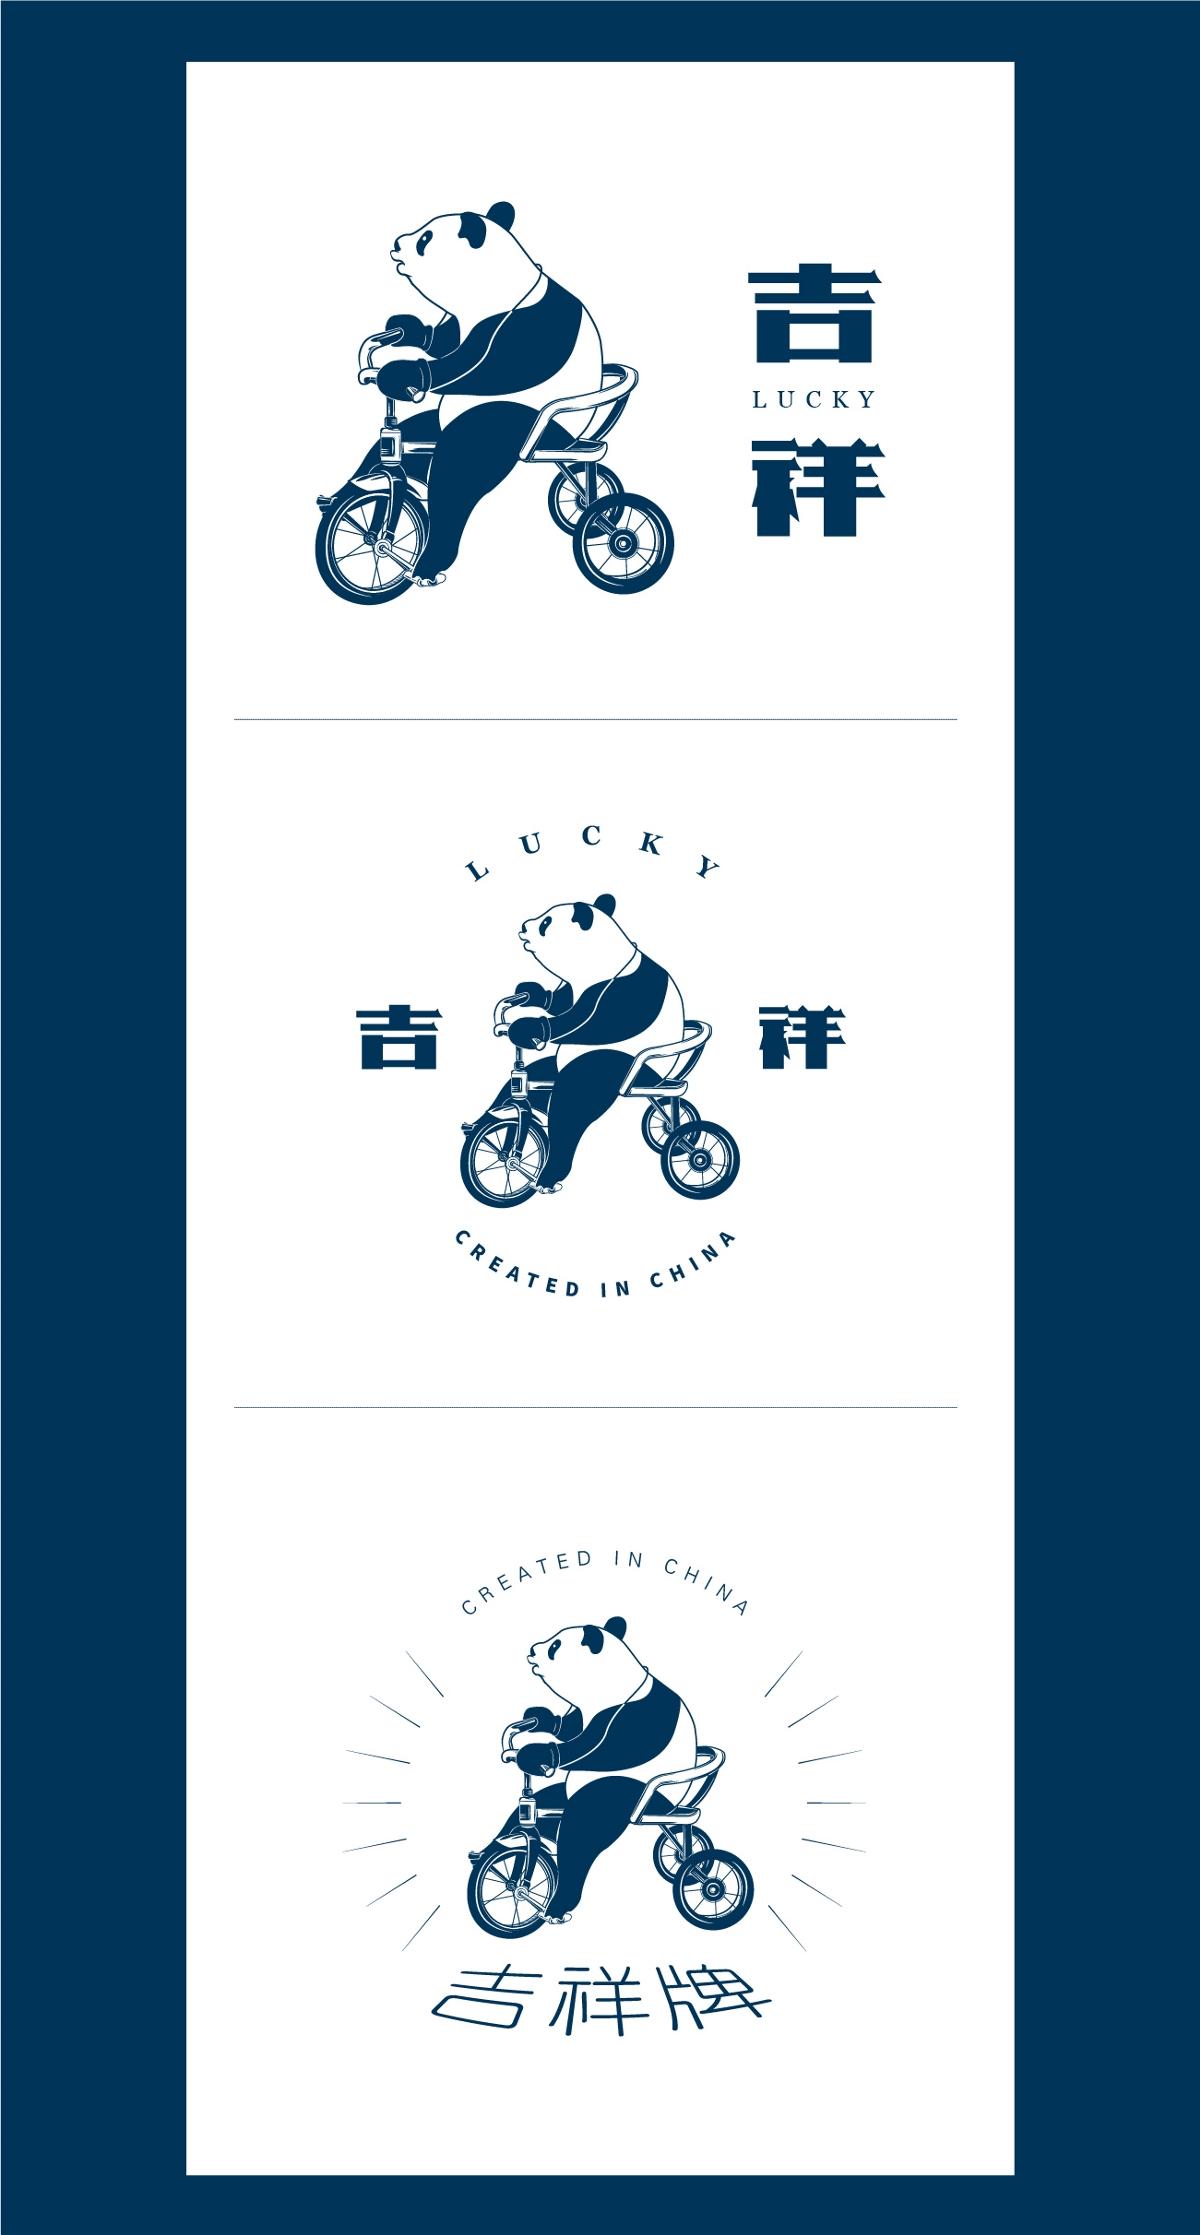 吉祥供销社标识设计